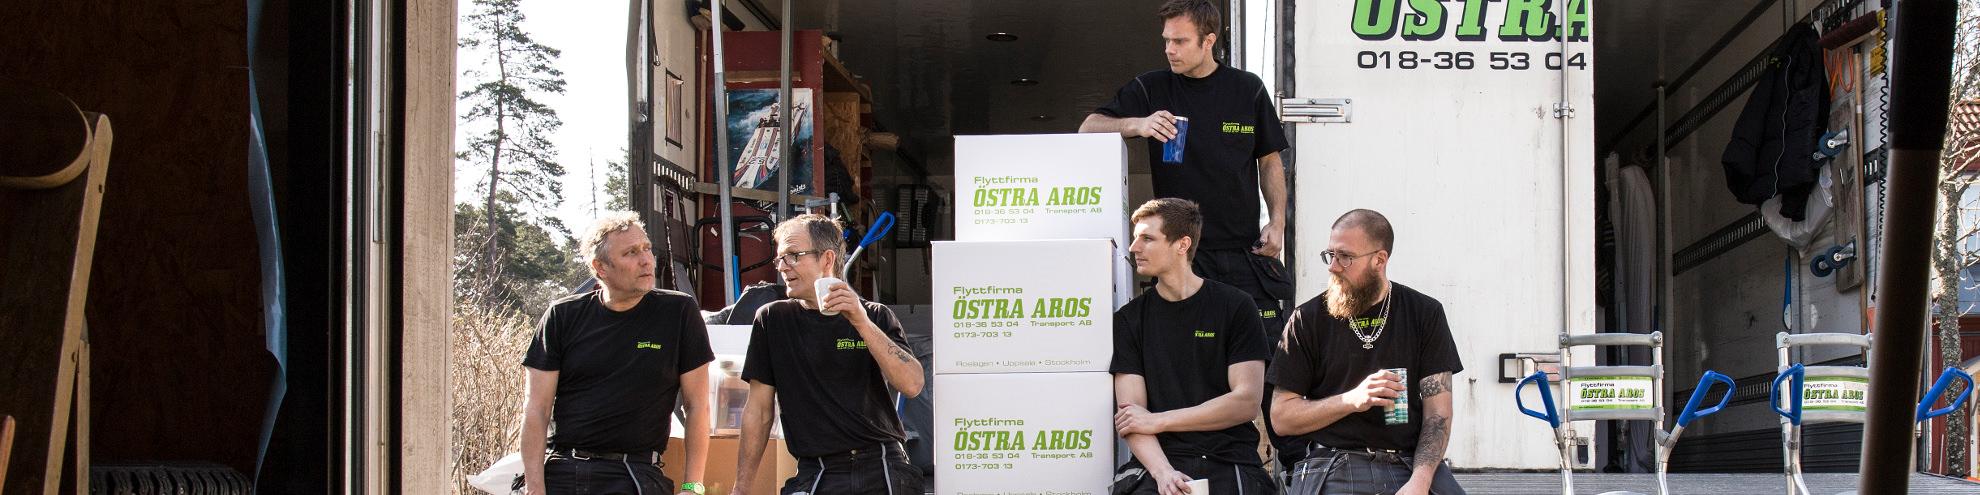 Flyttfirma Östra Aros tar kafferast